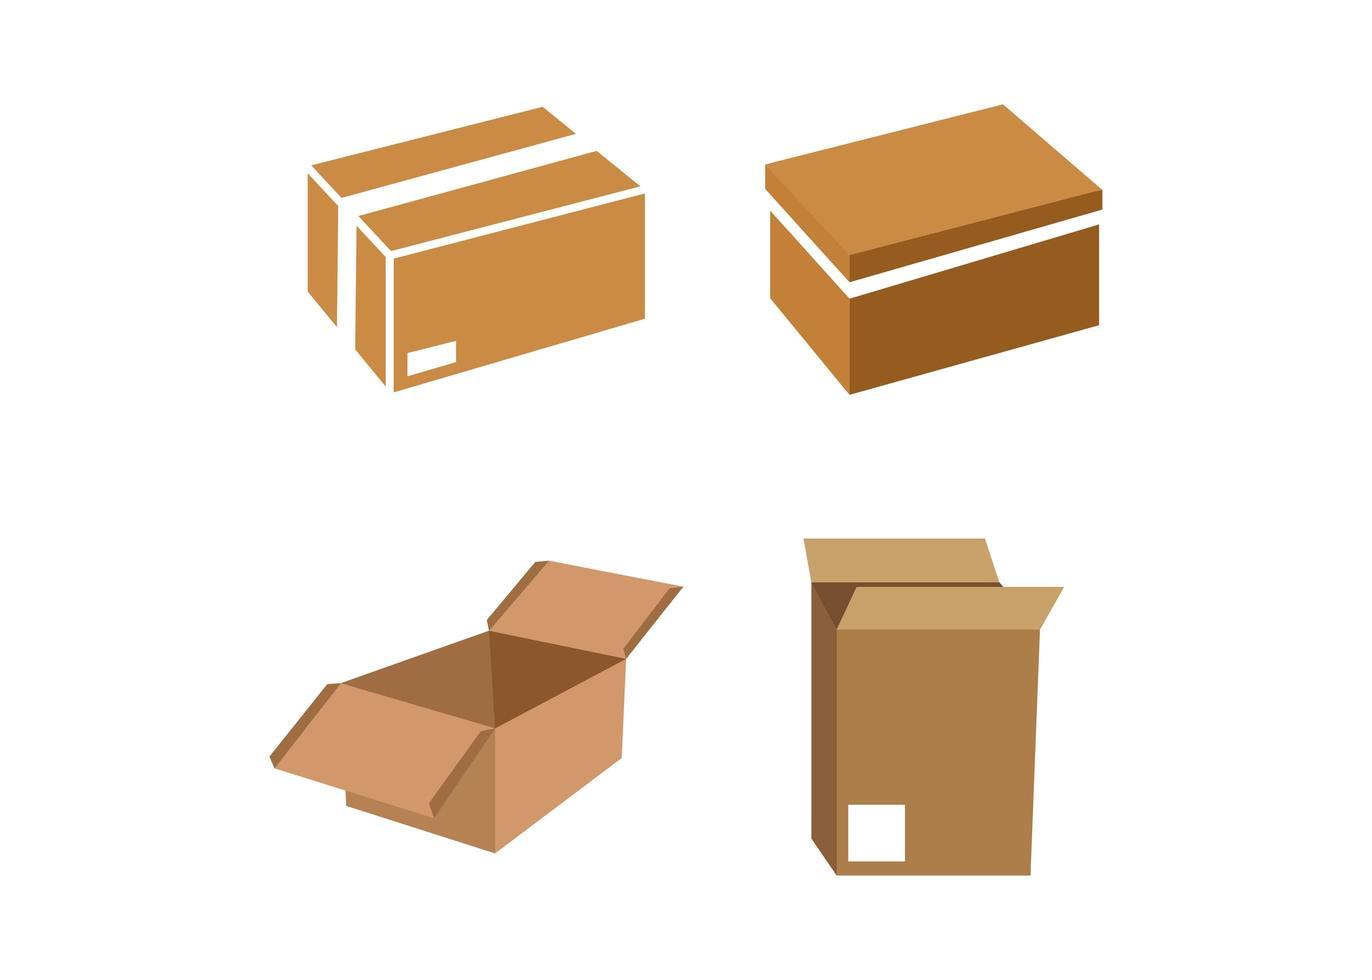 förpackningsbox ikon designuppsättning vektor